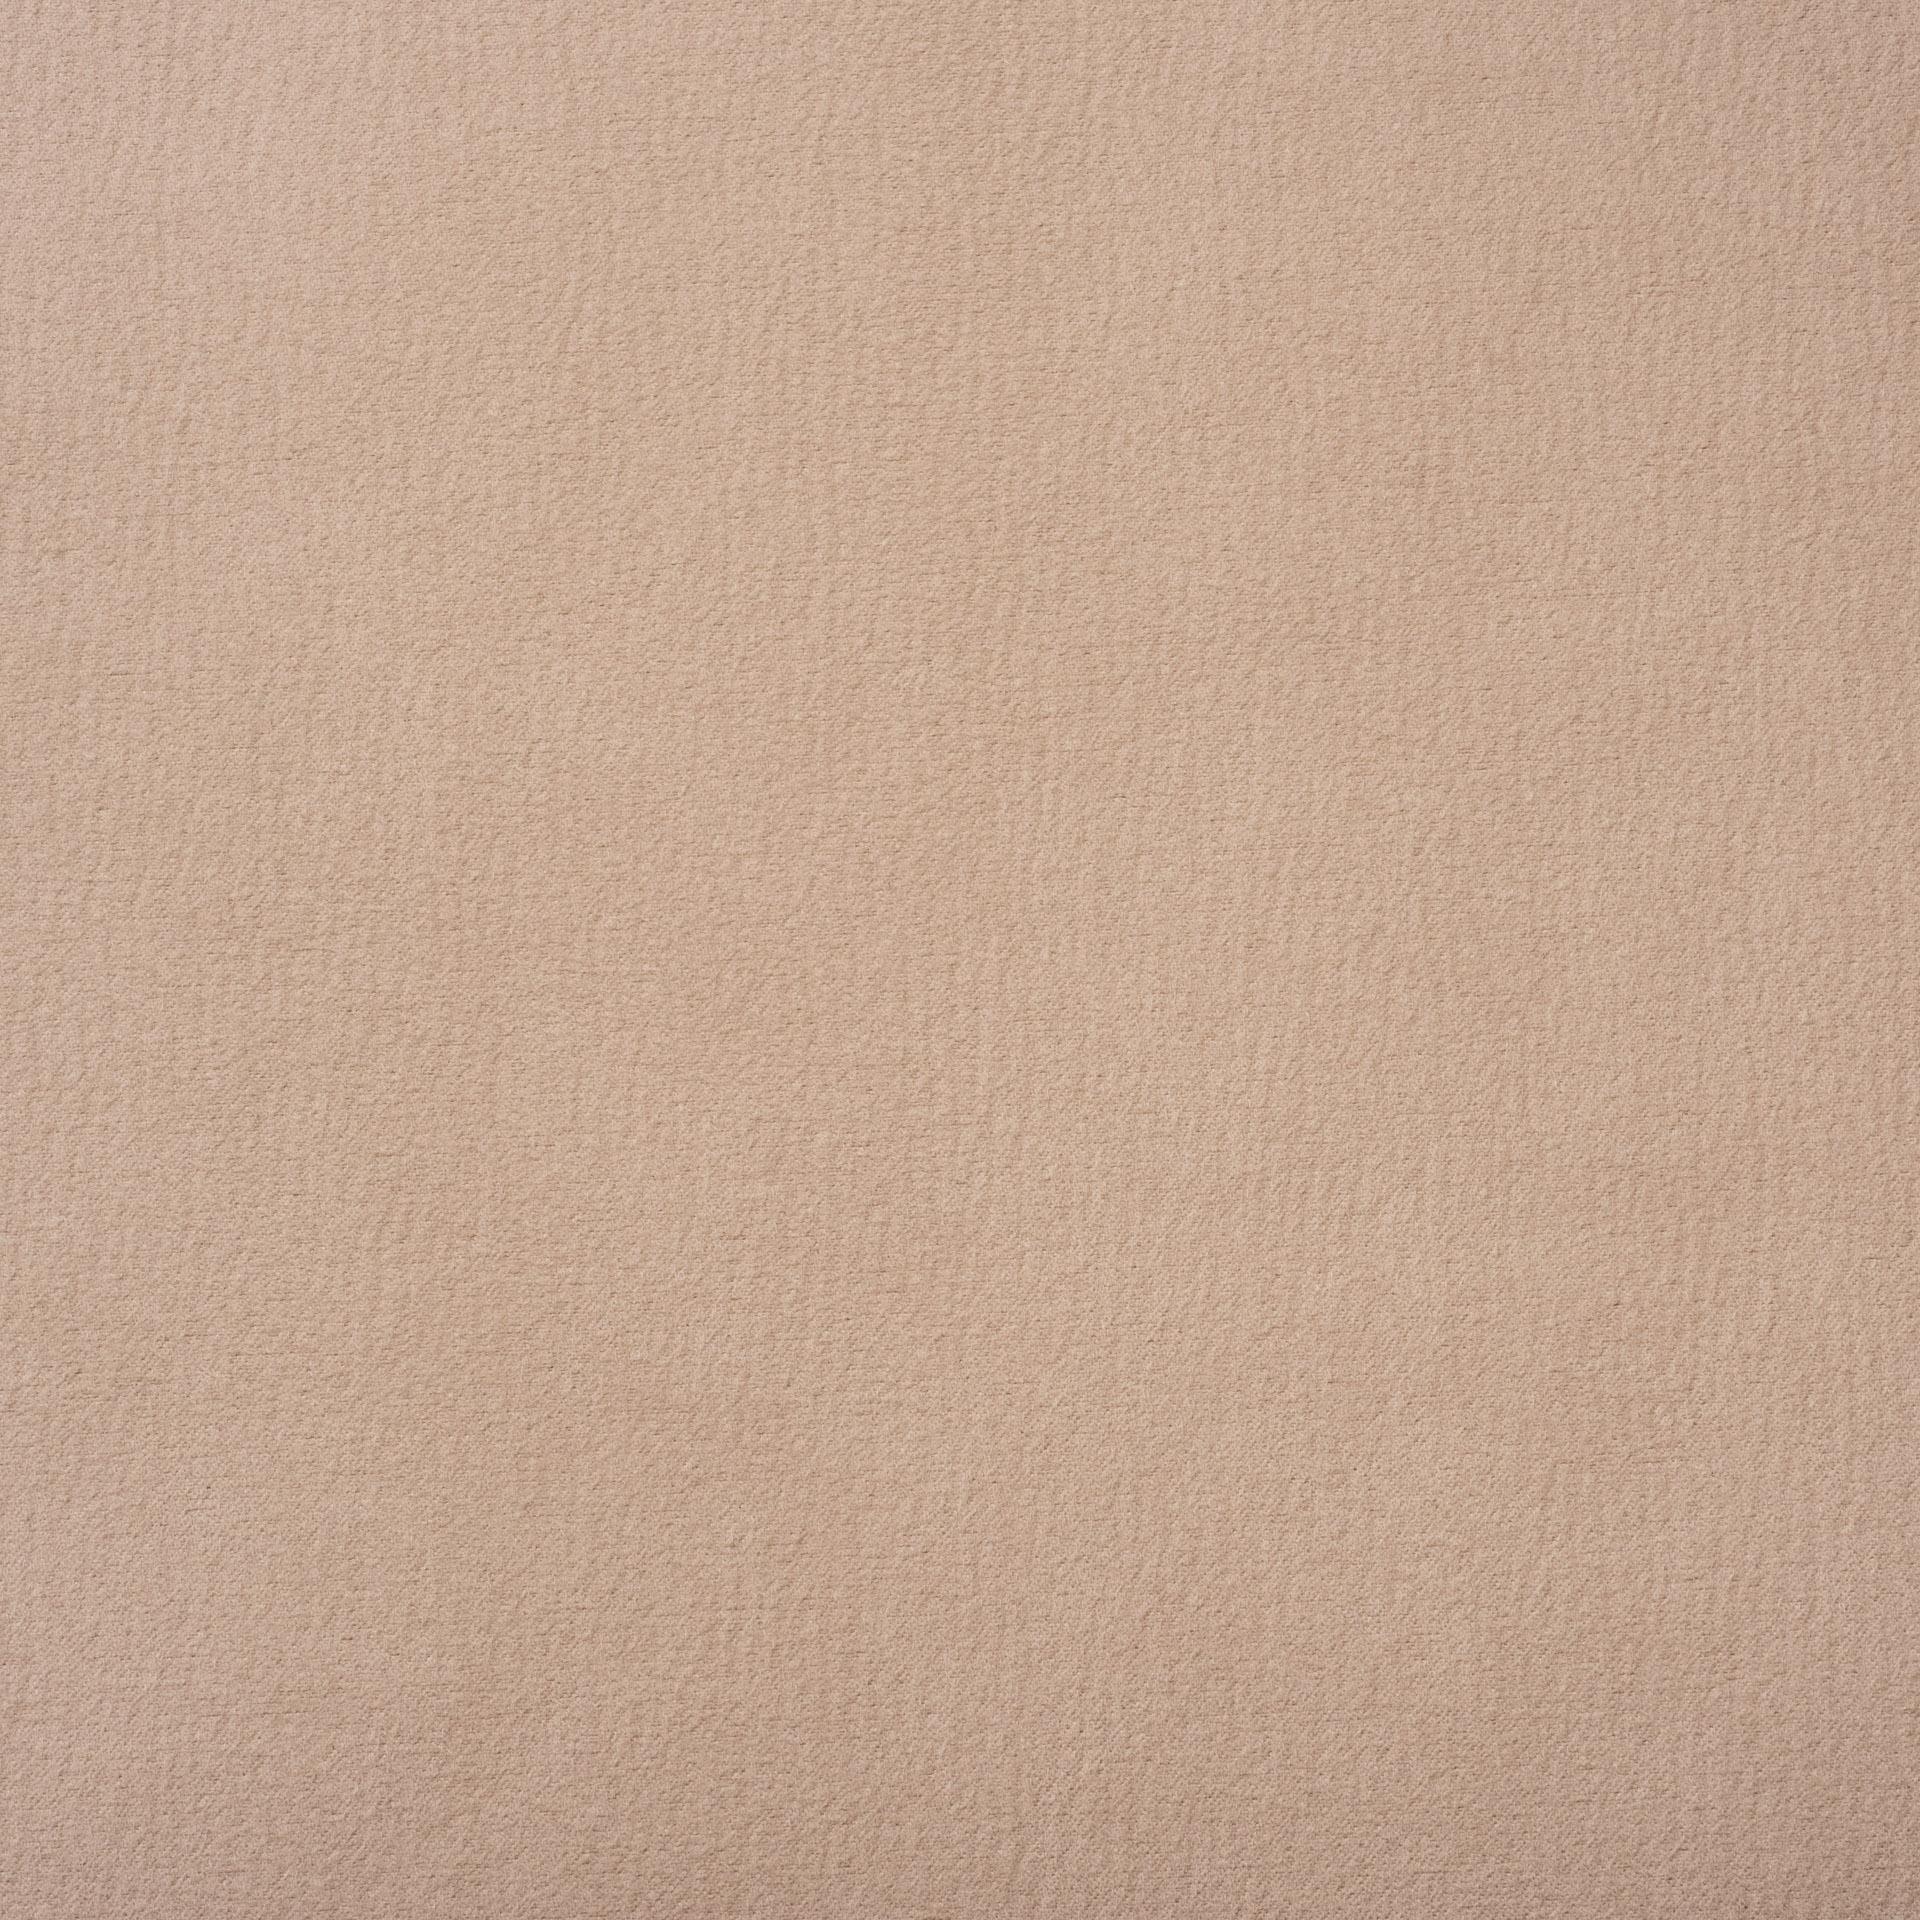 Коллекция ткани Нубук 01 ALPACA,  купить ткань Велюр для мебели Украина